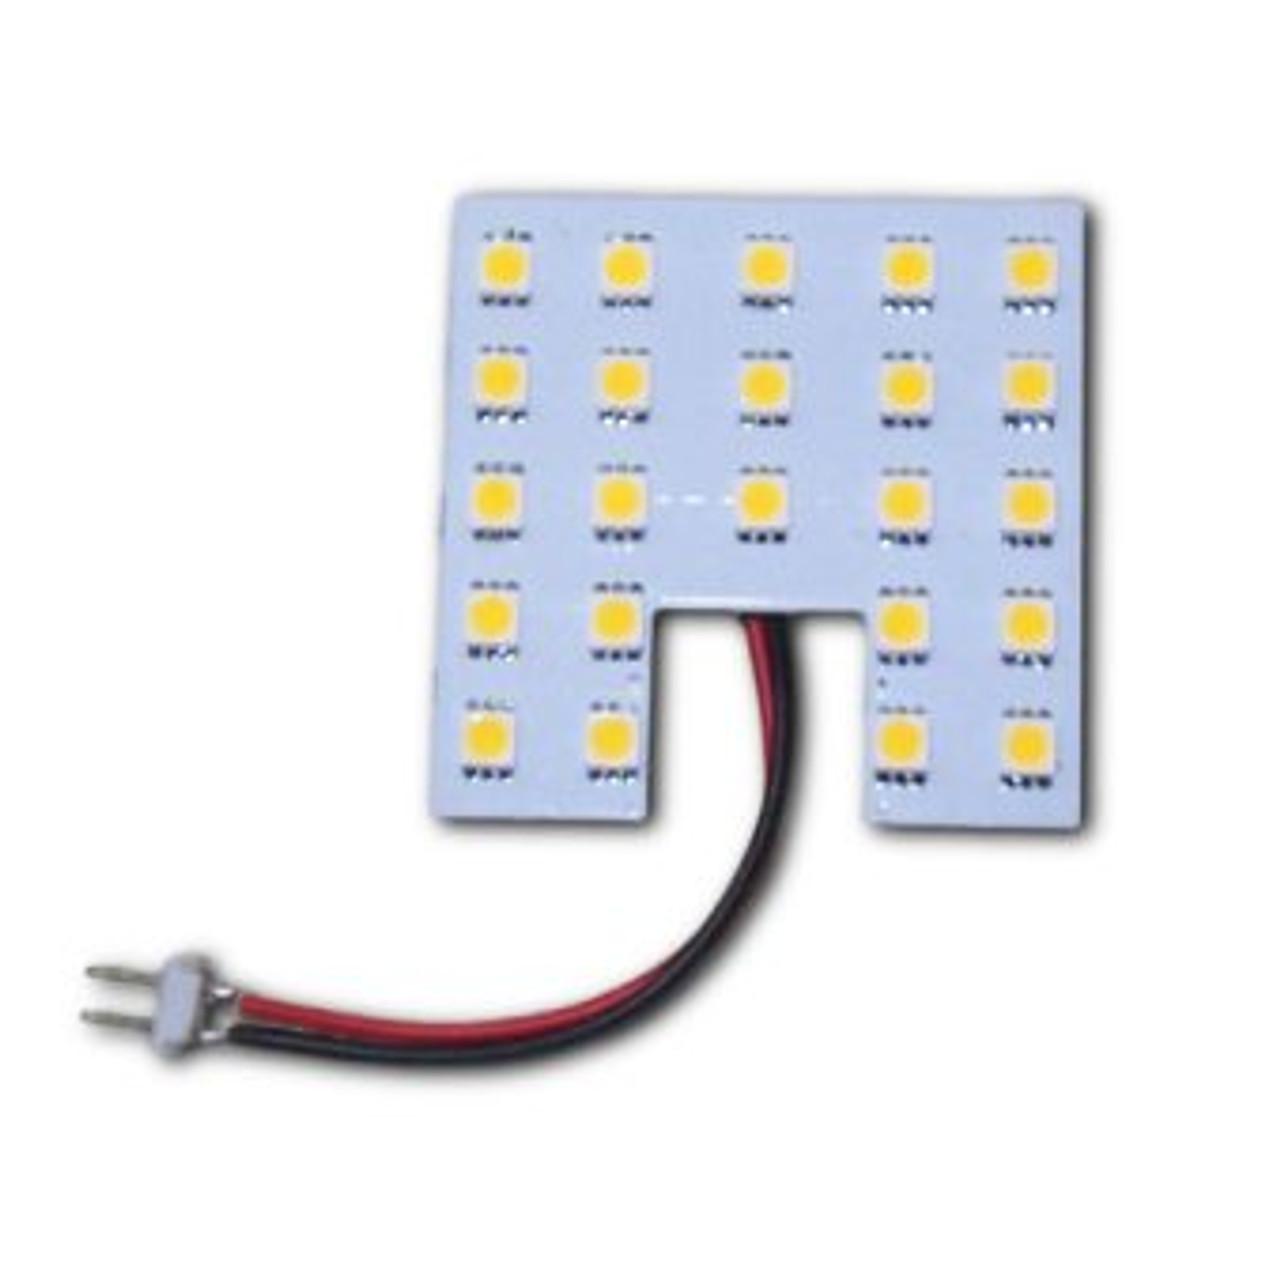 Bi-Pin (G4) Base Example